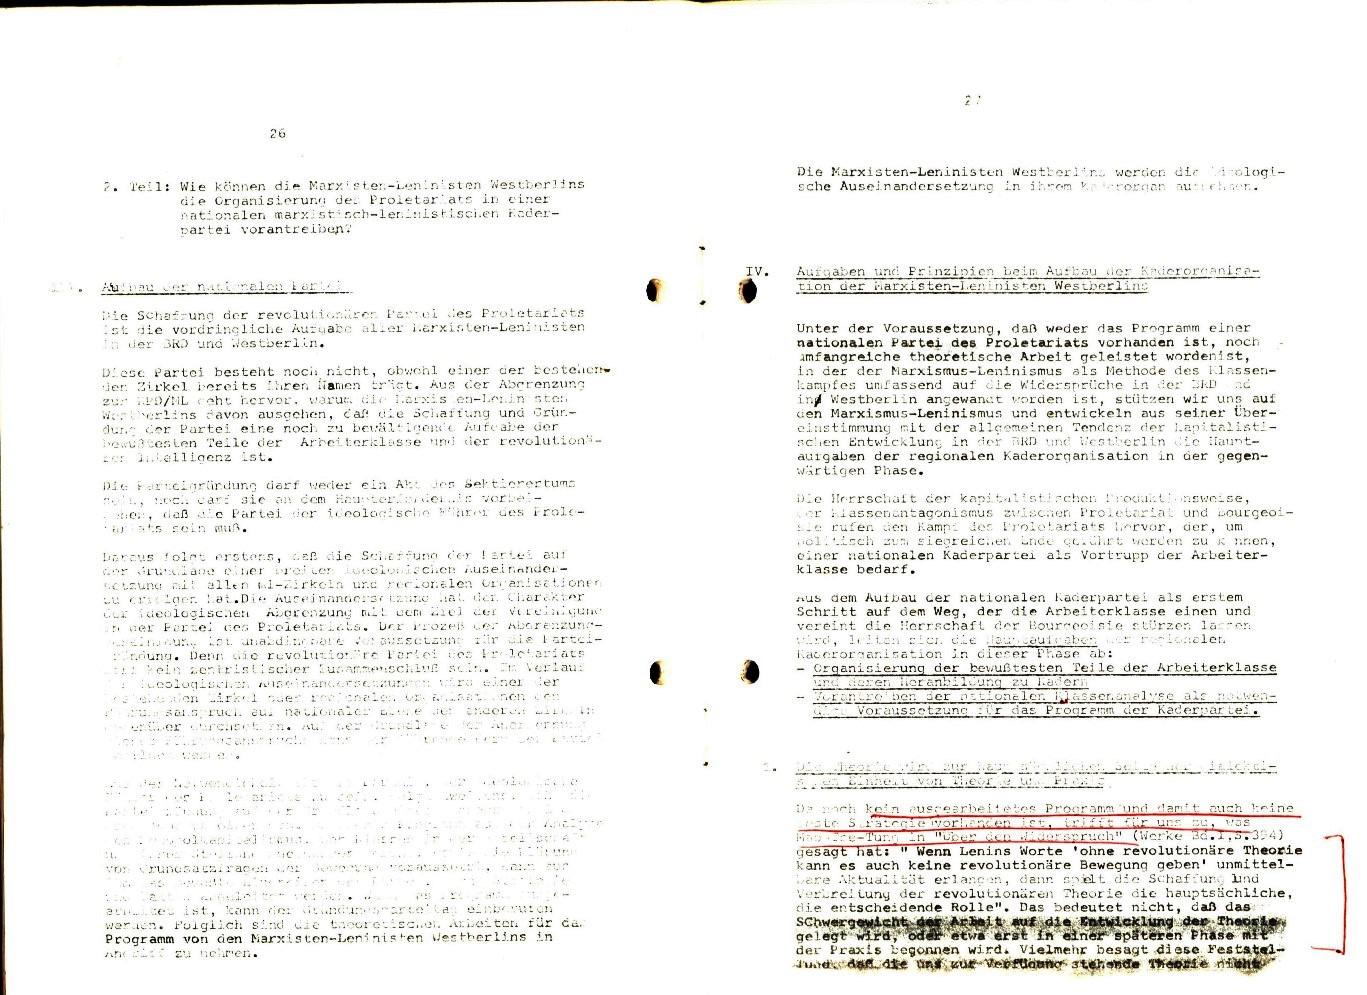 Berlin_KBML_Kommunist_1970_01_16